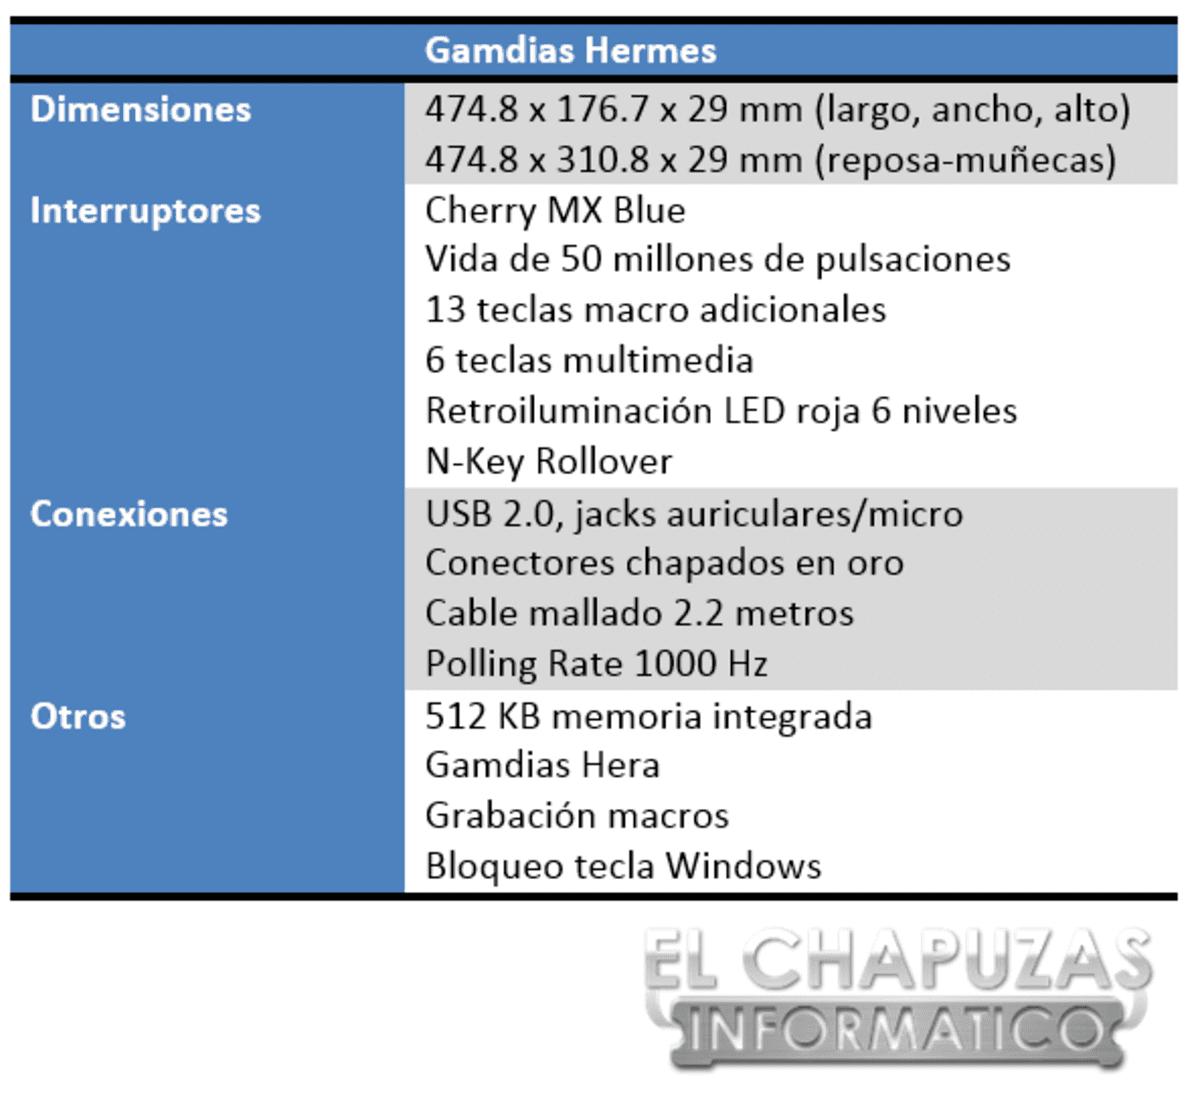 Gamdias Hermes Especificaciones 2